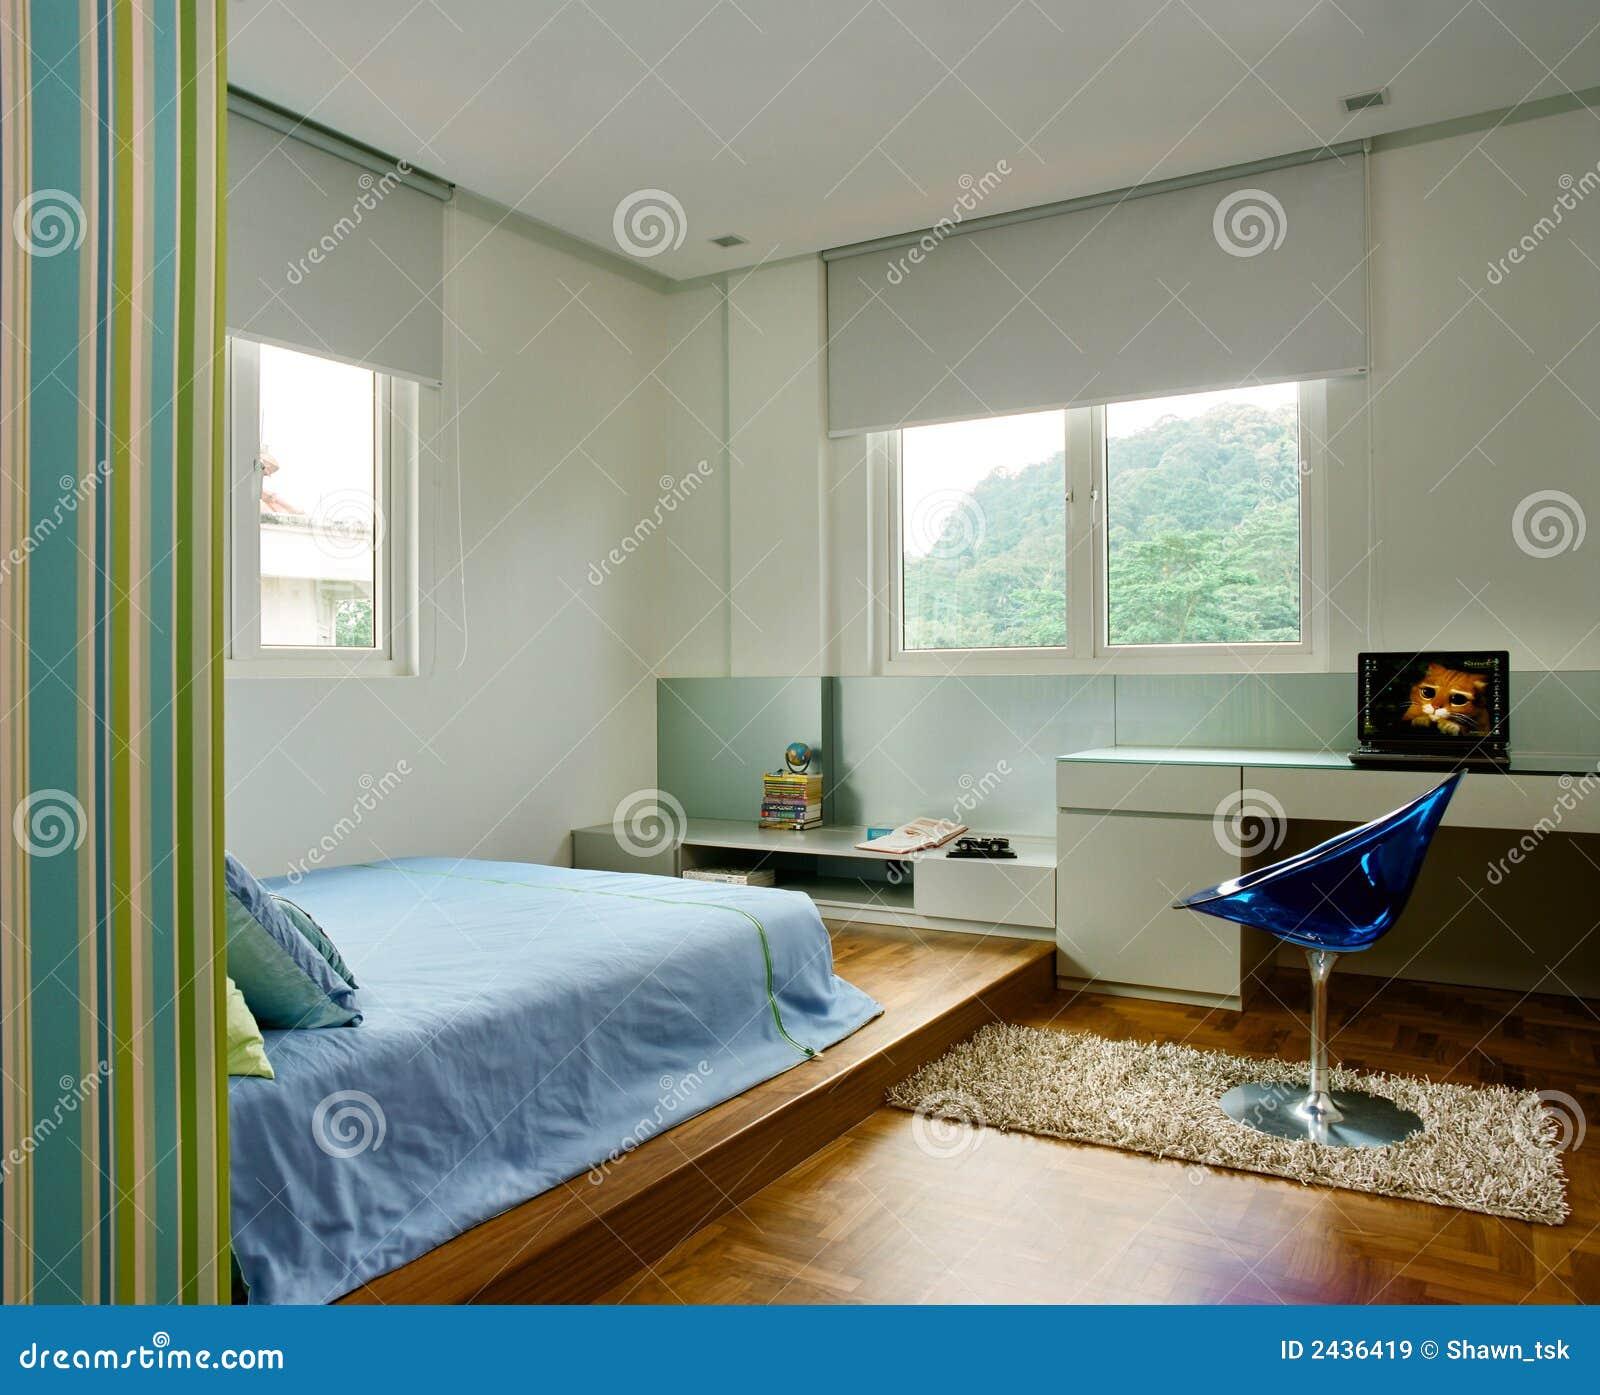 Disegno interno camera da letto immagini stock libere da - Camera da letto immagini ...